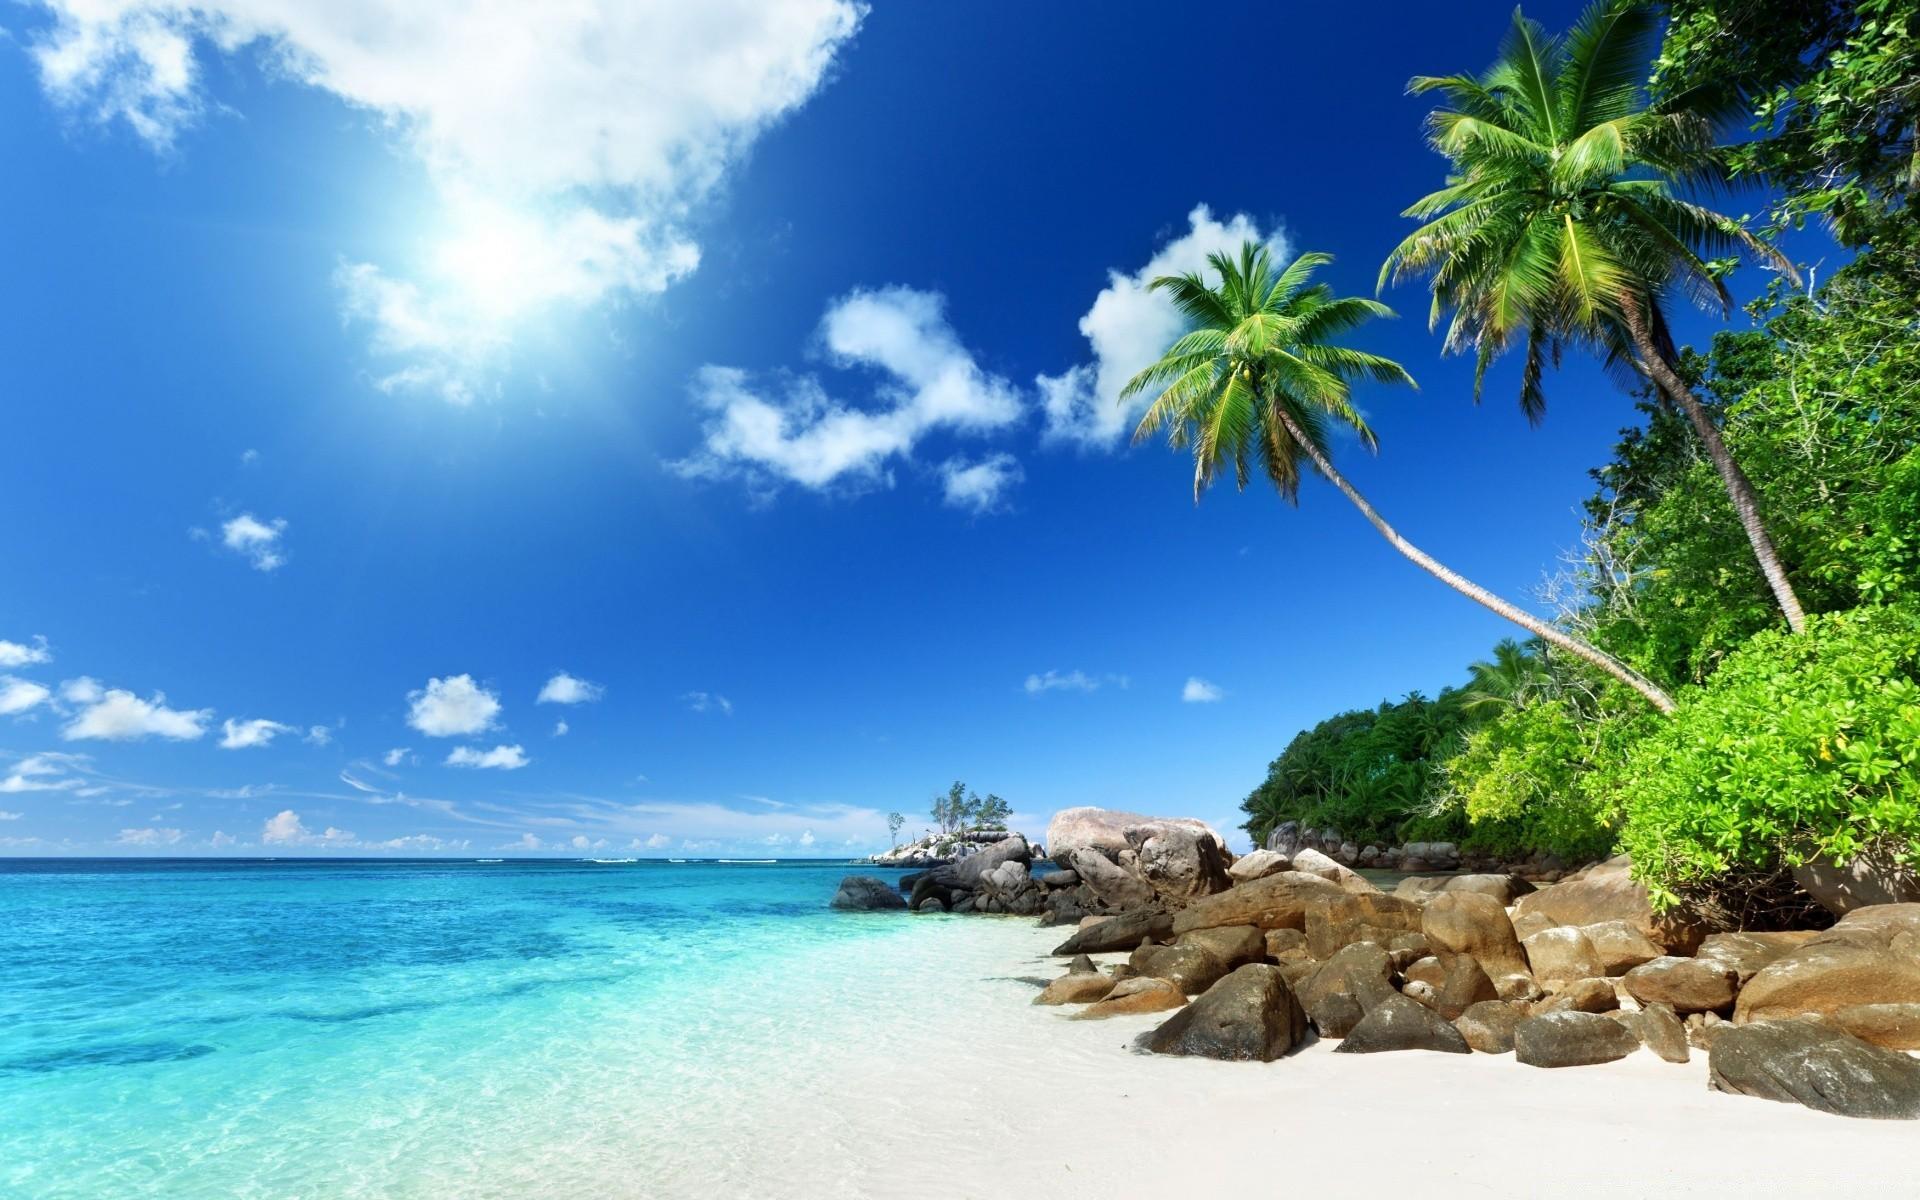 Красивые фото моря